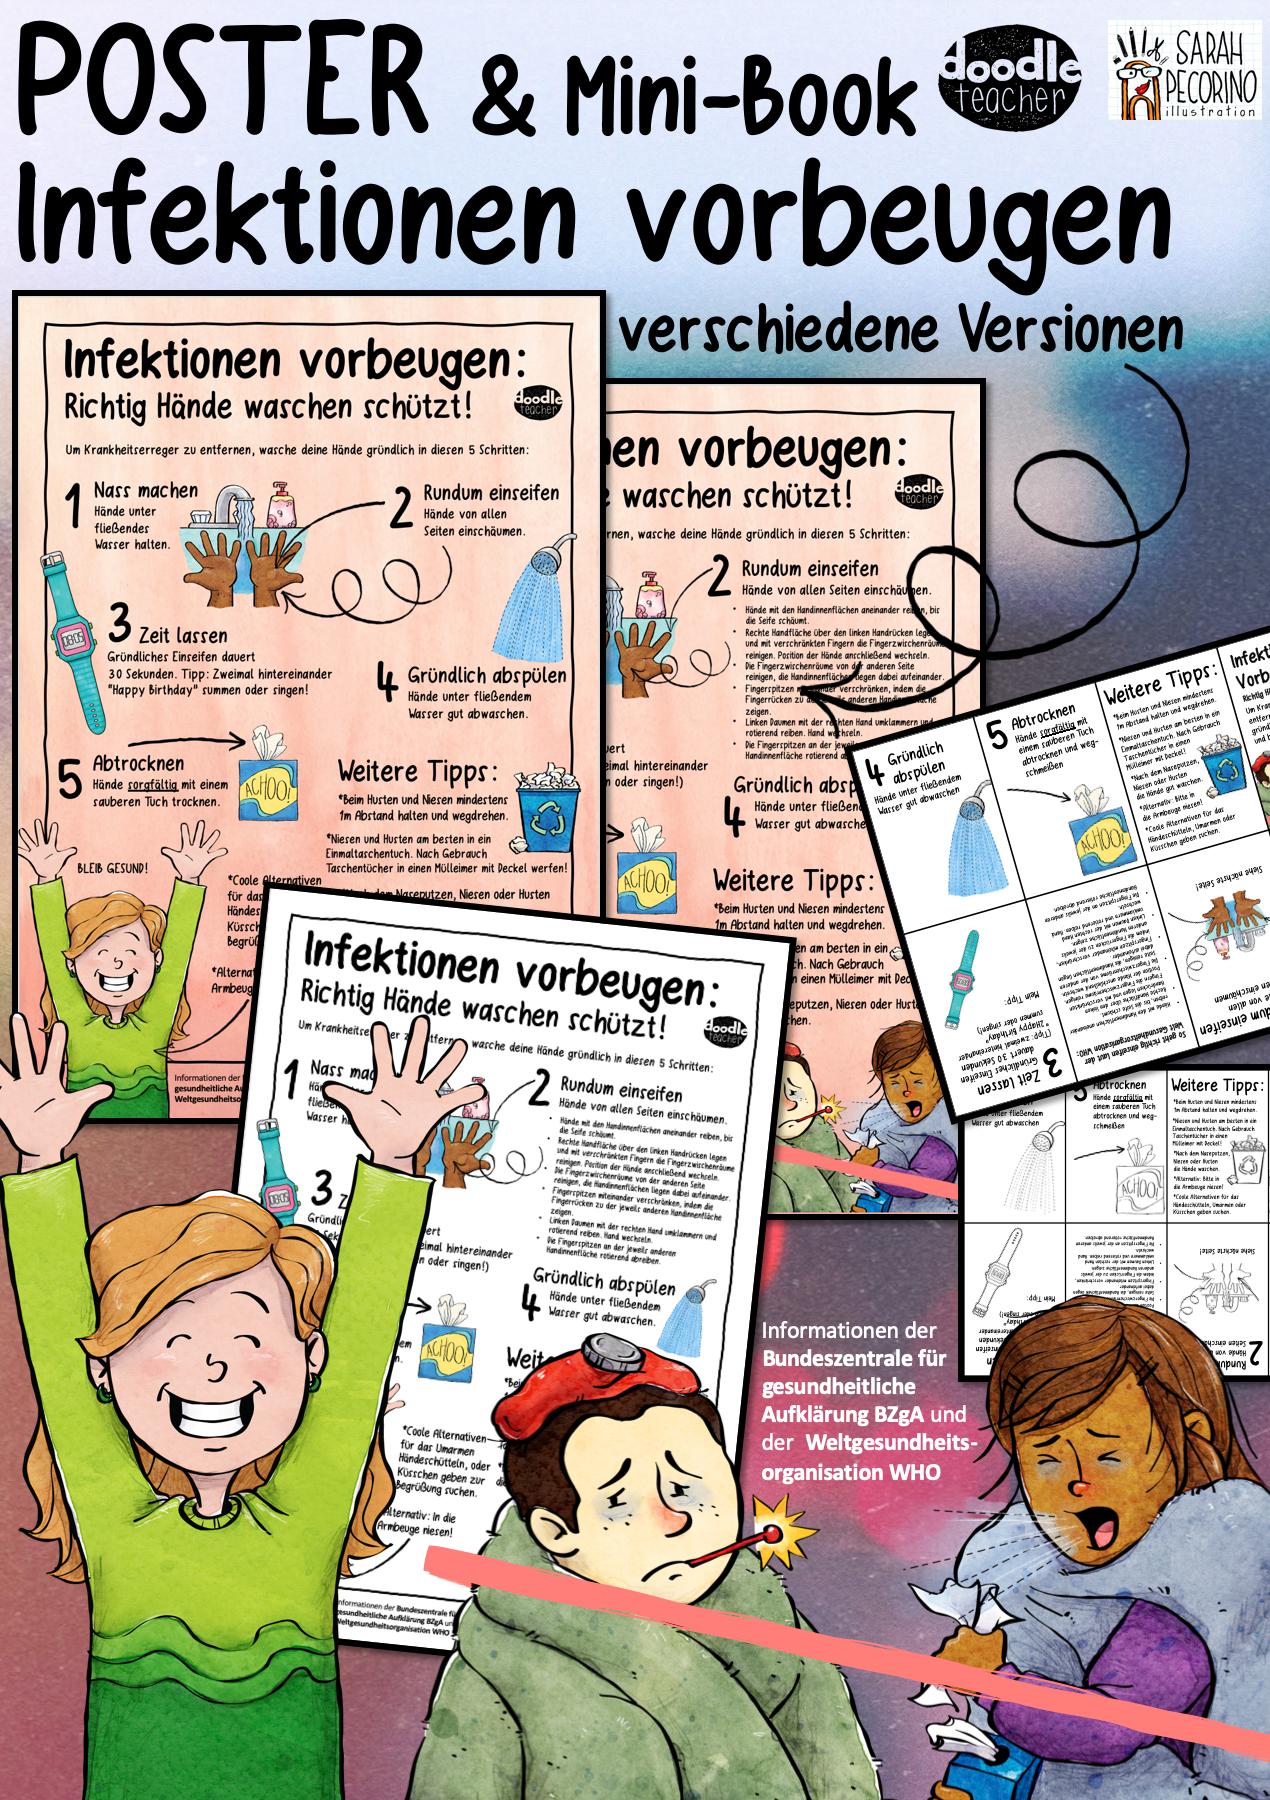 Infektionen Vorbeugen Hygiene Poster Und Mini Book Unterrichtsmaterial In Den Fachern Biologie Fachubergreifendes Kita Sachunterricht In 2020 Unterrichtsmaterial Erwachsenenbildung Poster